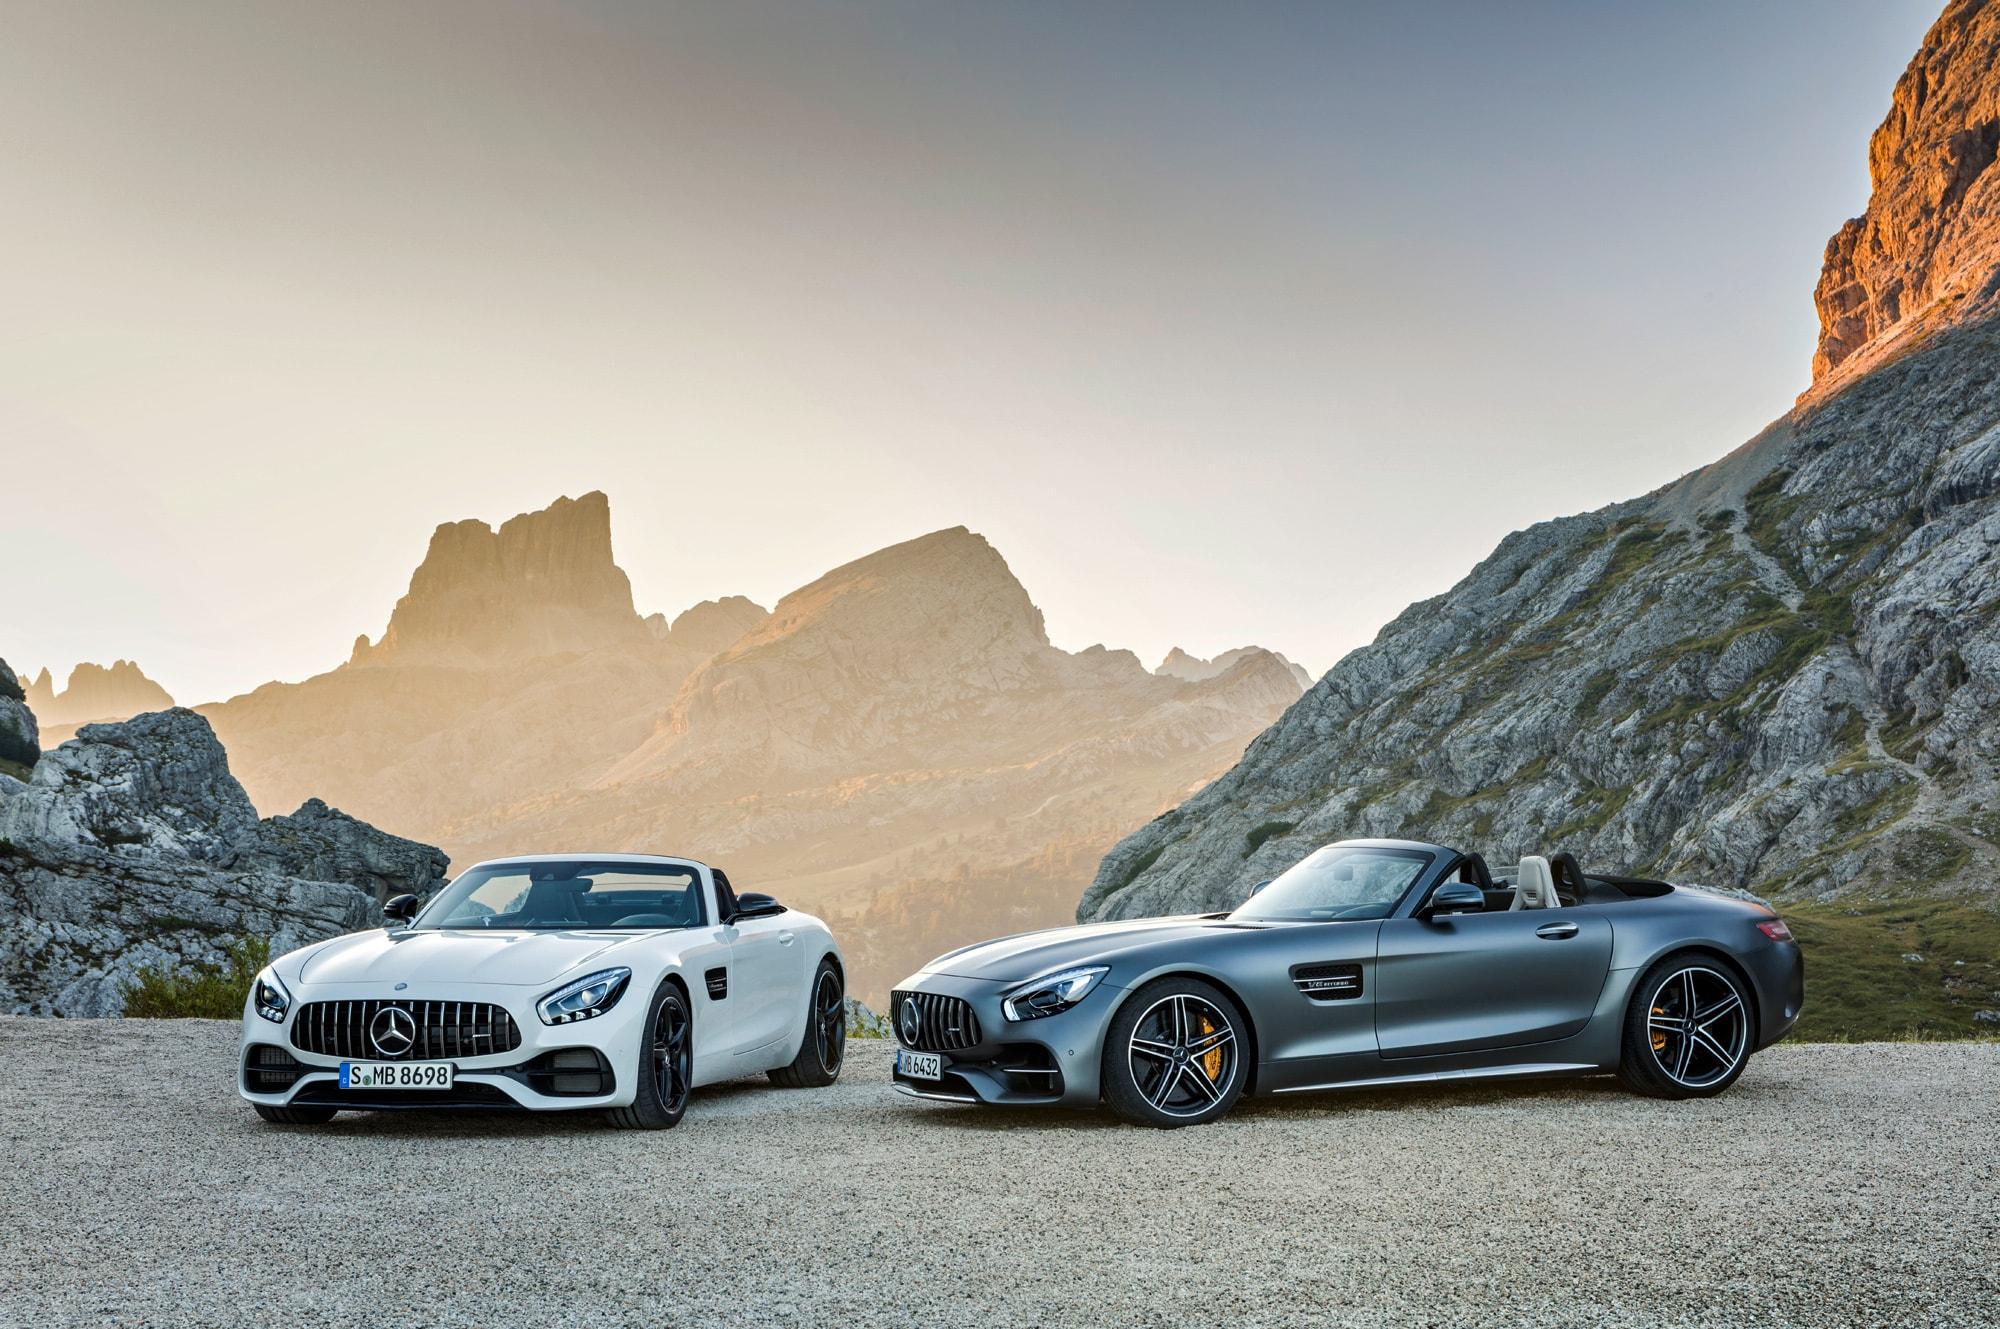 Mercedes-AMG GT Roadster Background